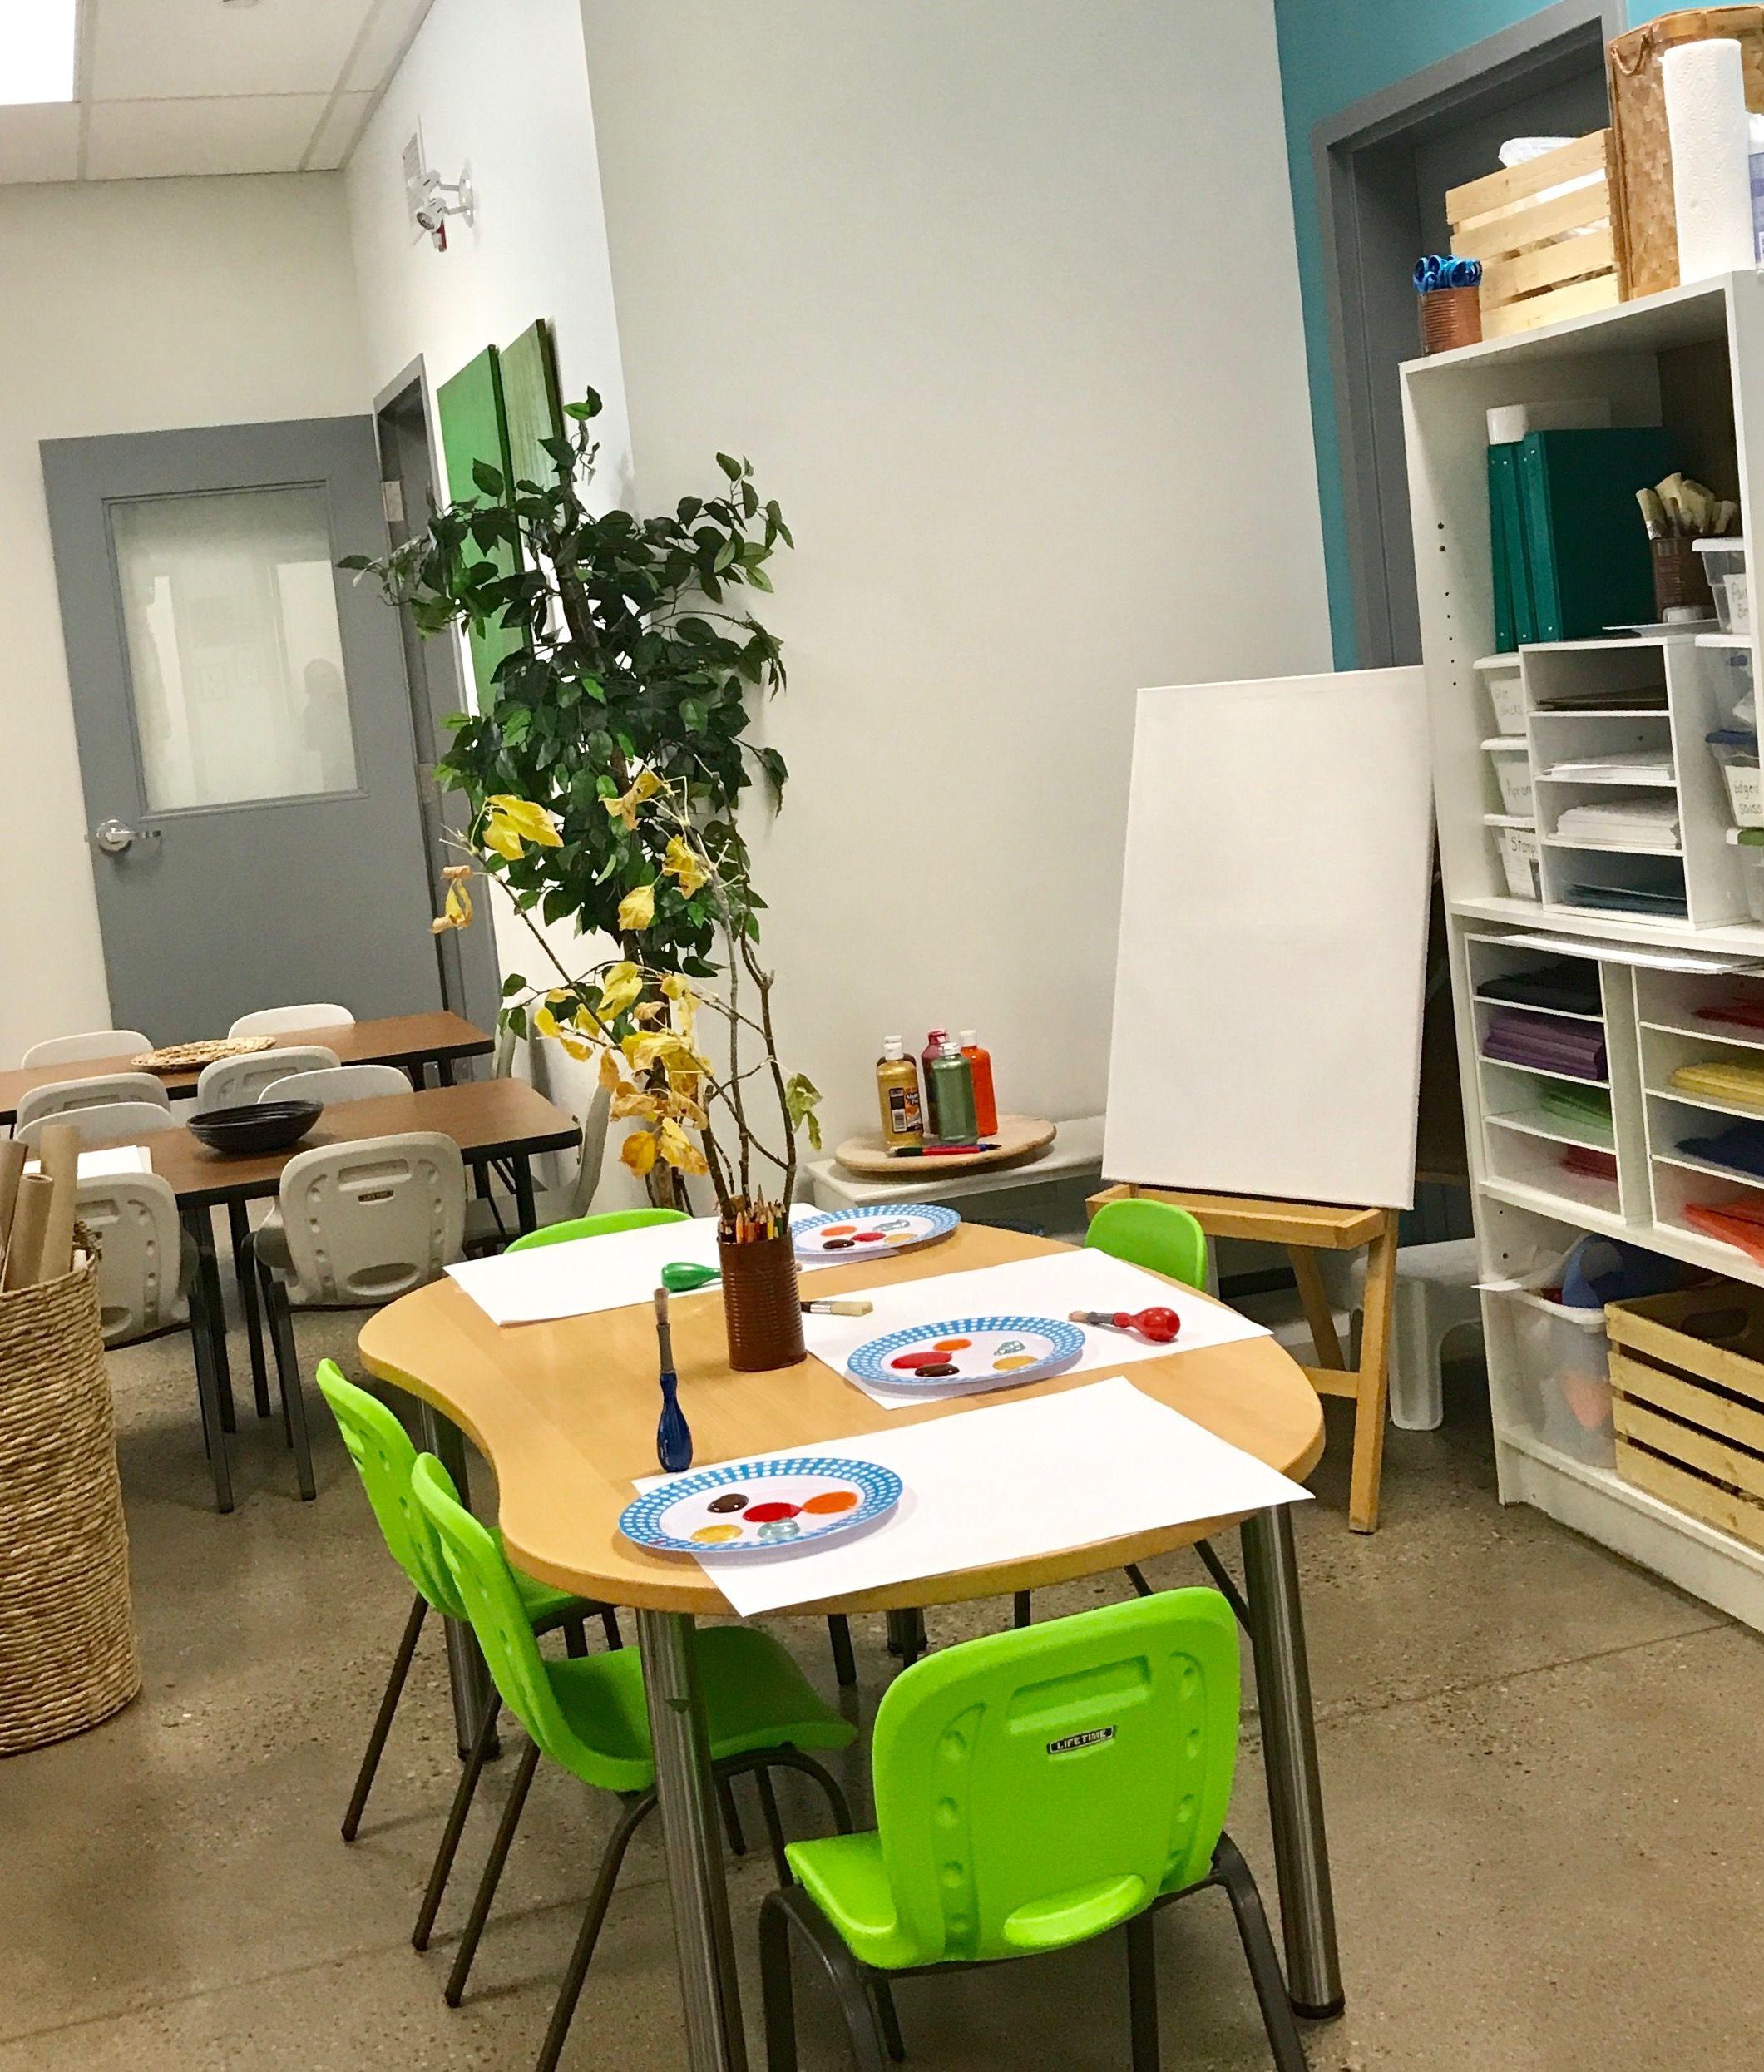 Home Daycare Design Ideas: Leisure Centre Daycare Alberta, Canada